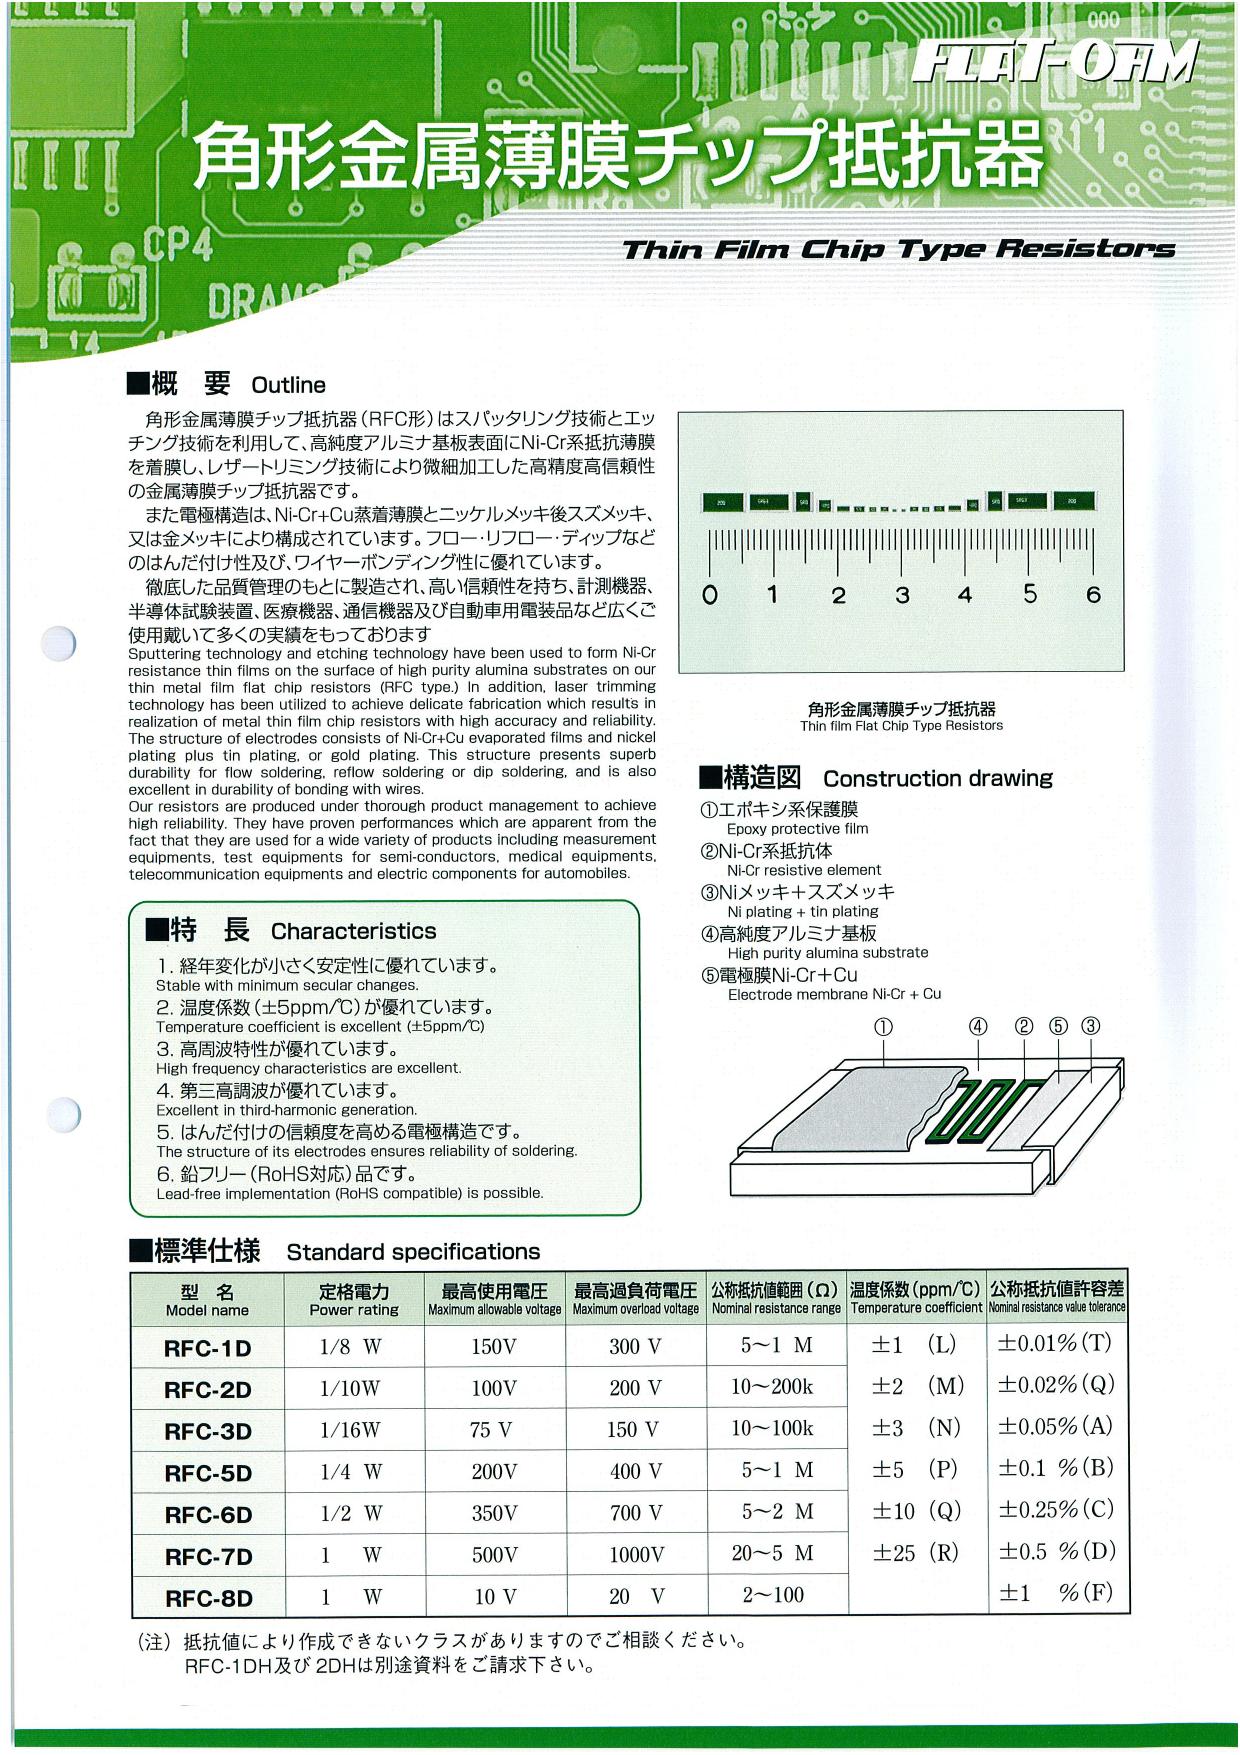 角形金属薄膜チップ抵抗器